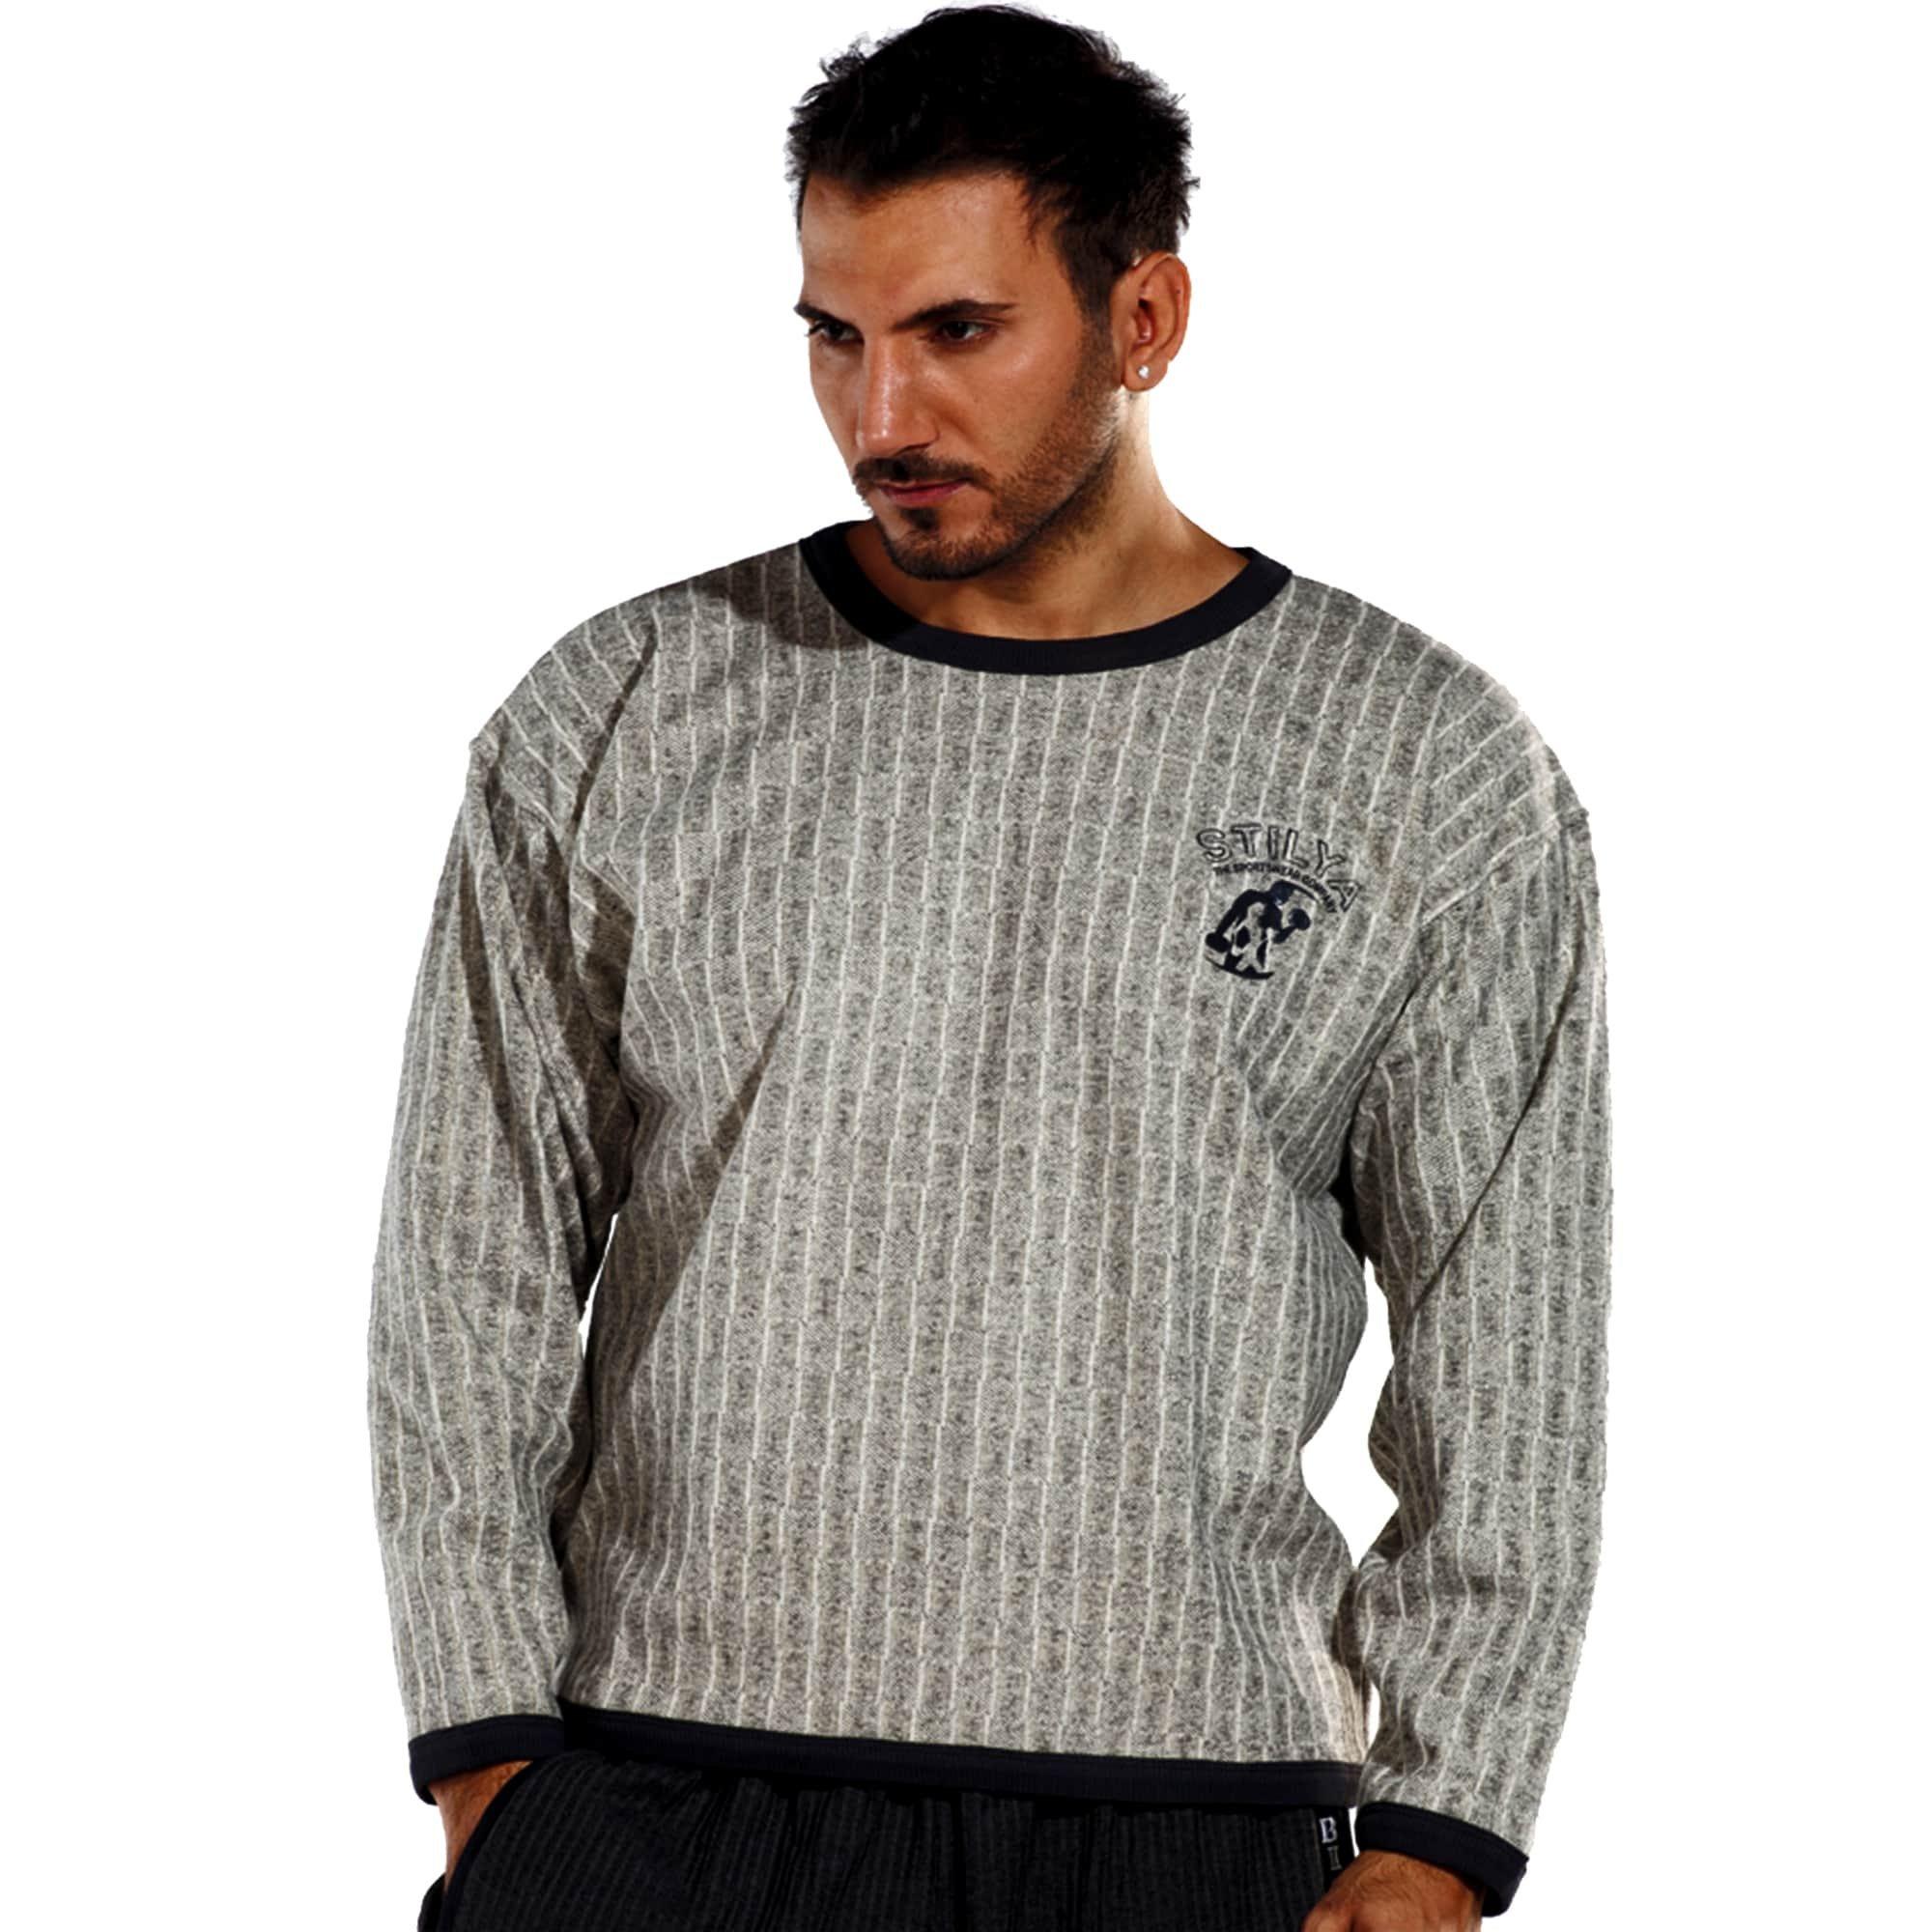 STILYA SPORTSWEAR COMPANY Men's Sweatshirt Sweater Hoodie *6700* 5XL Beige